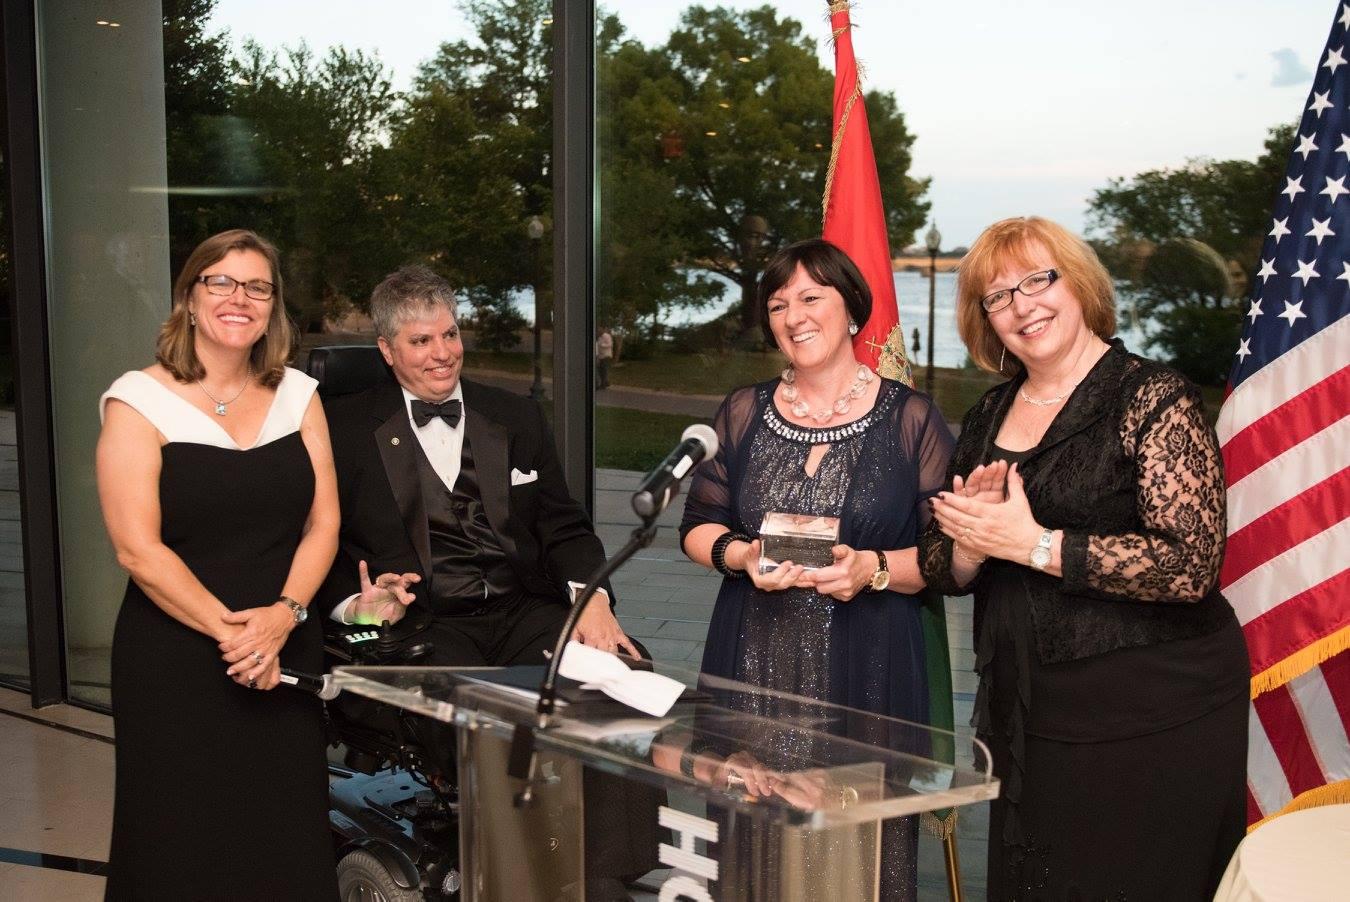 Mrs. Andrea Lauer Rice, Mr. Max Teleki, Ambassador Réka Szemerkényi, Dr. Ágnes Virga. Mrs. Lauer Rice together with Max Teleki and Ágnes Virga